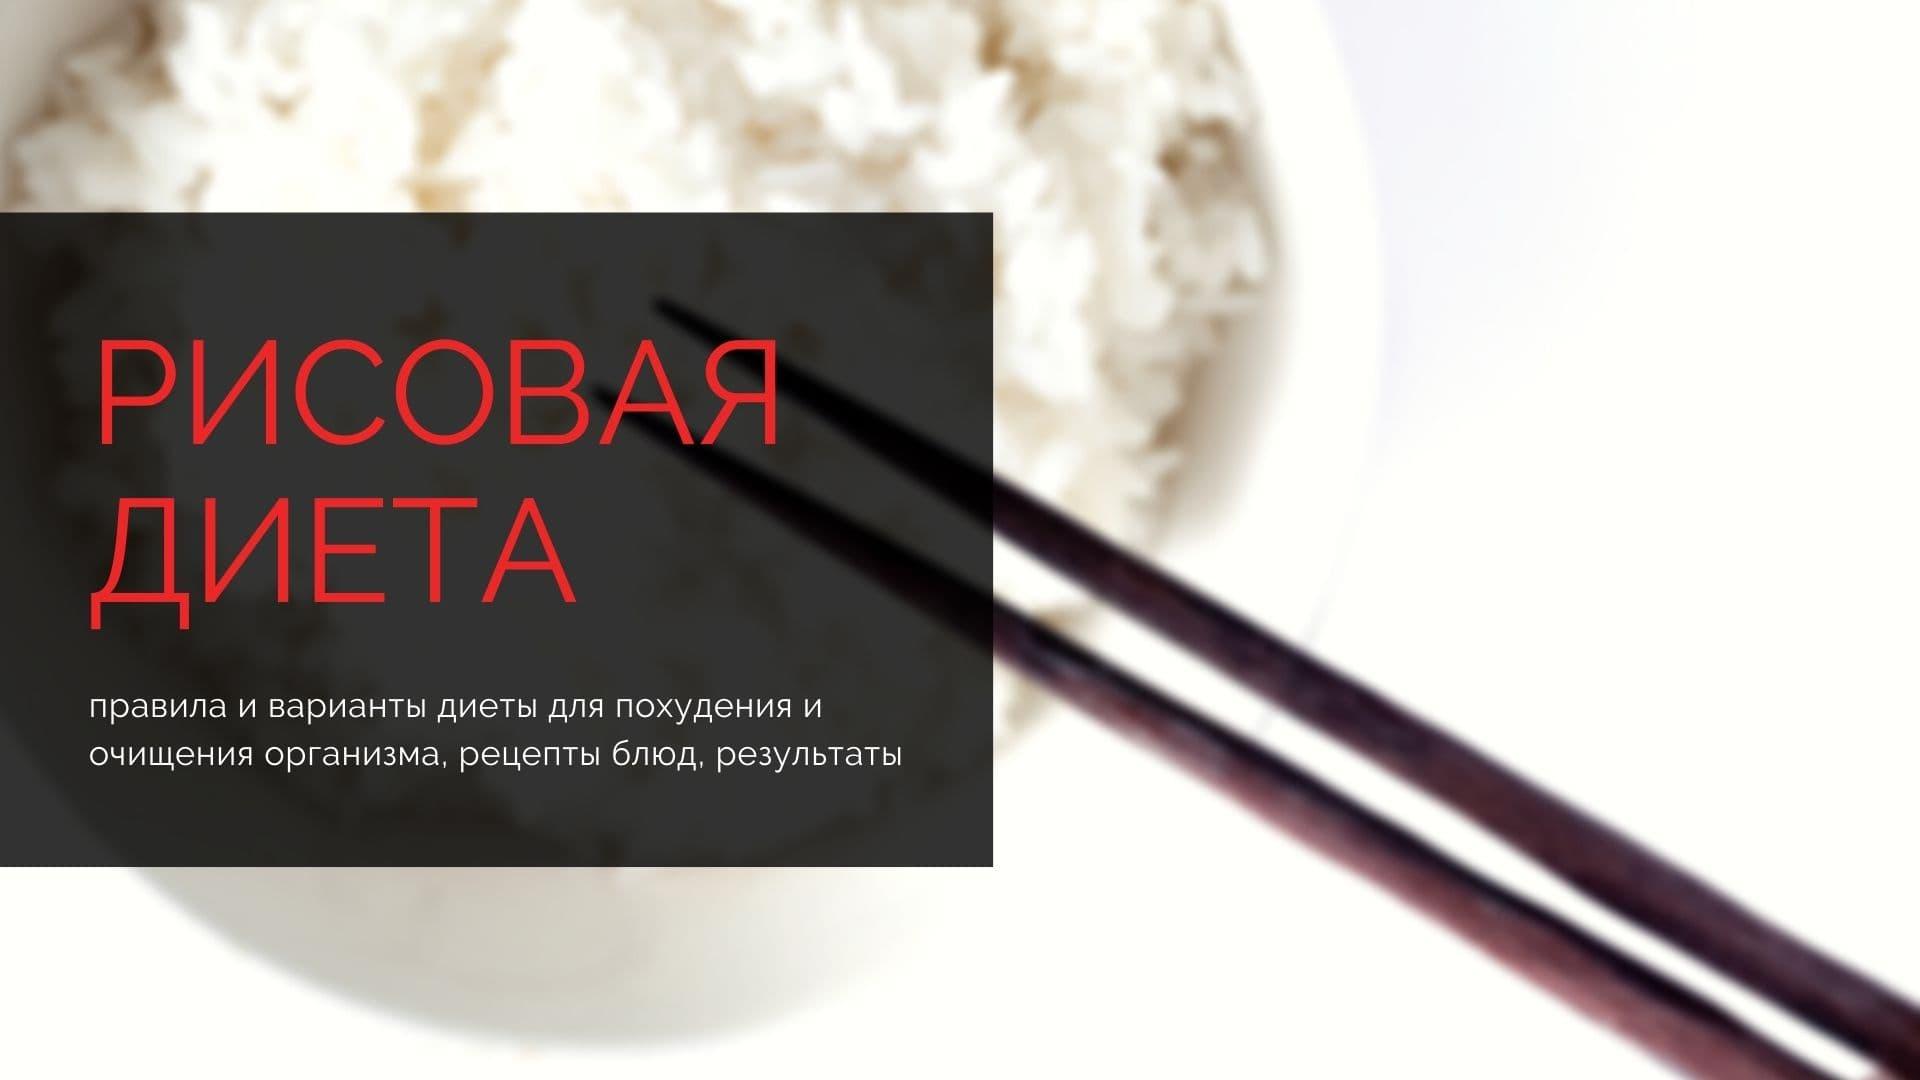 Рисовая диета: правила и варианты диеты для похудения и очищения организма, рецепты блюд, результаты